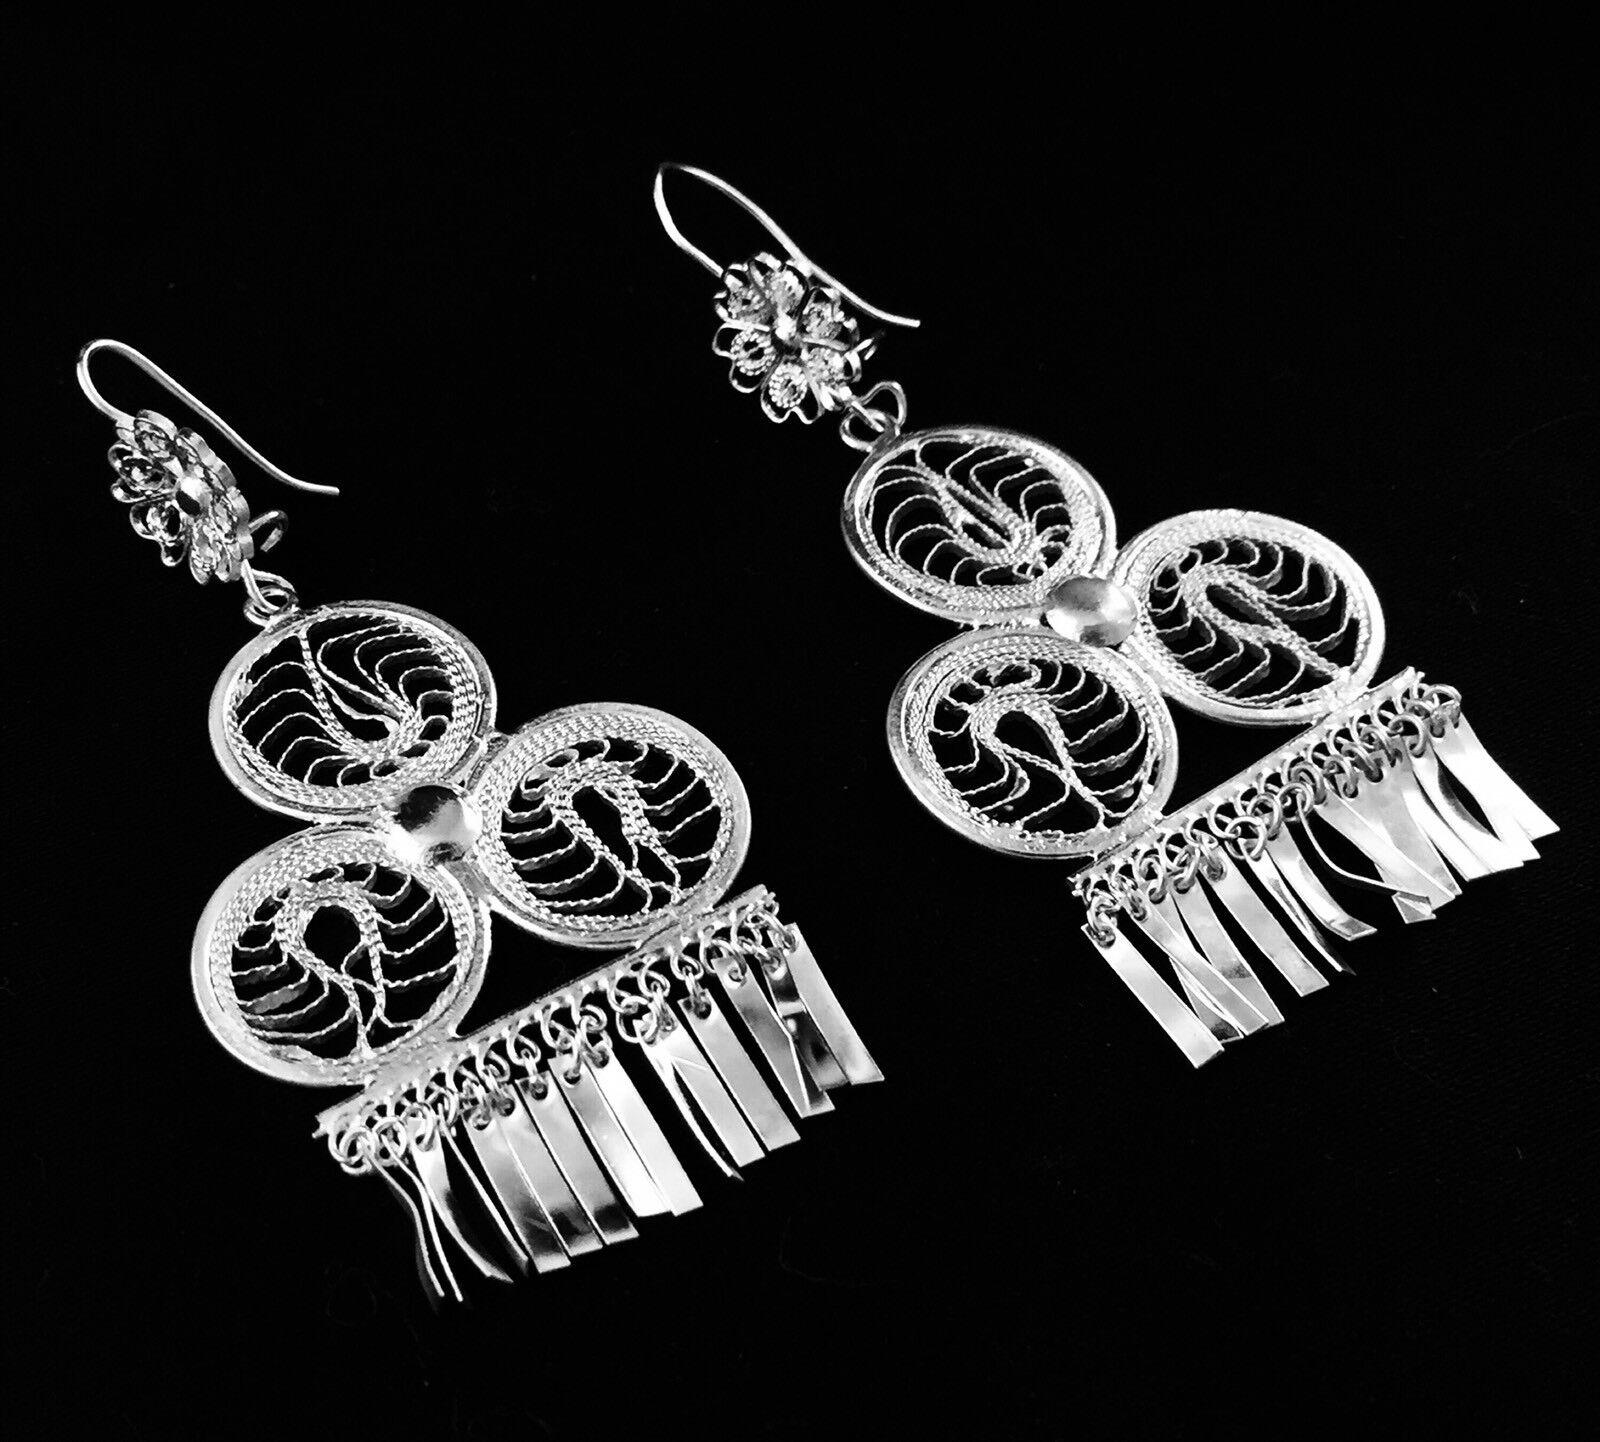 Medium Club Shaped Oaxaca Filigree Earrings Chandelier Straight Tassels 004